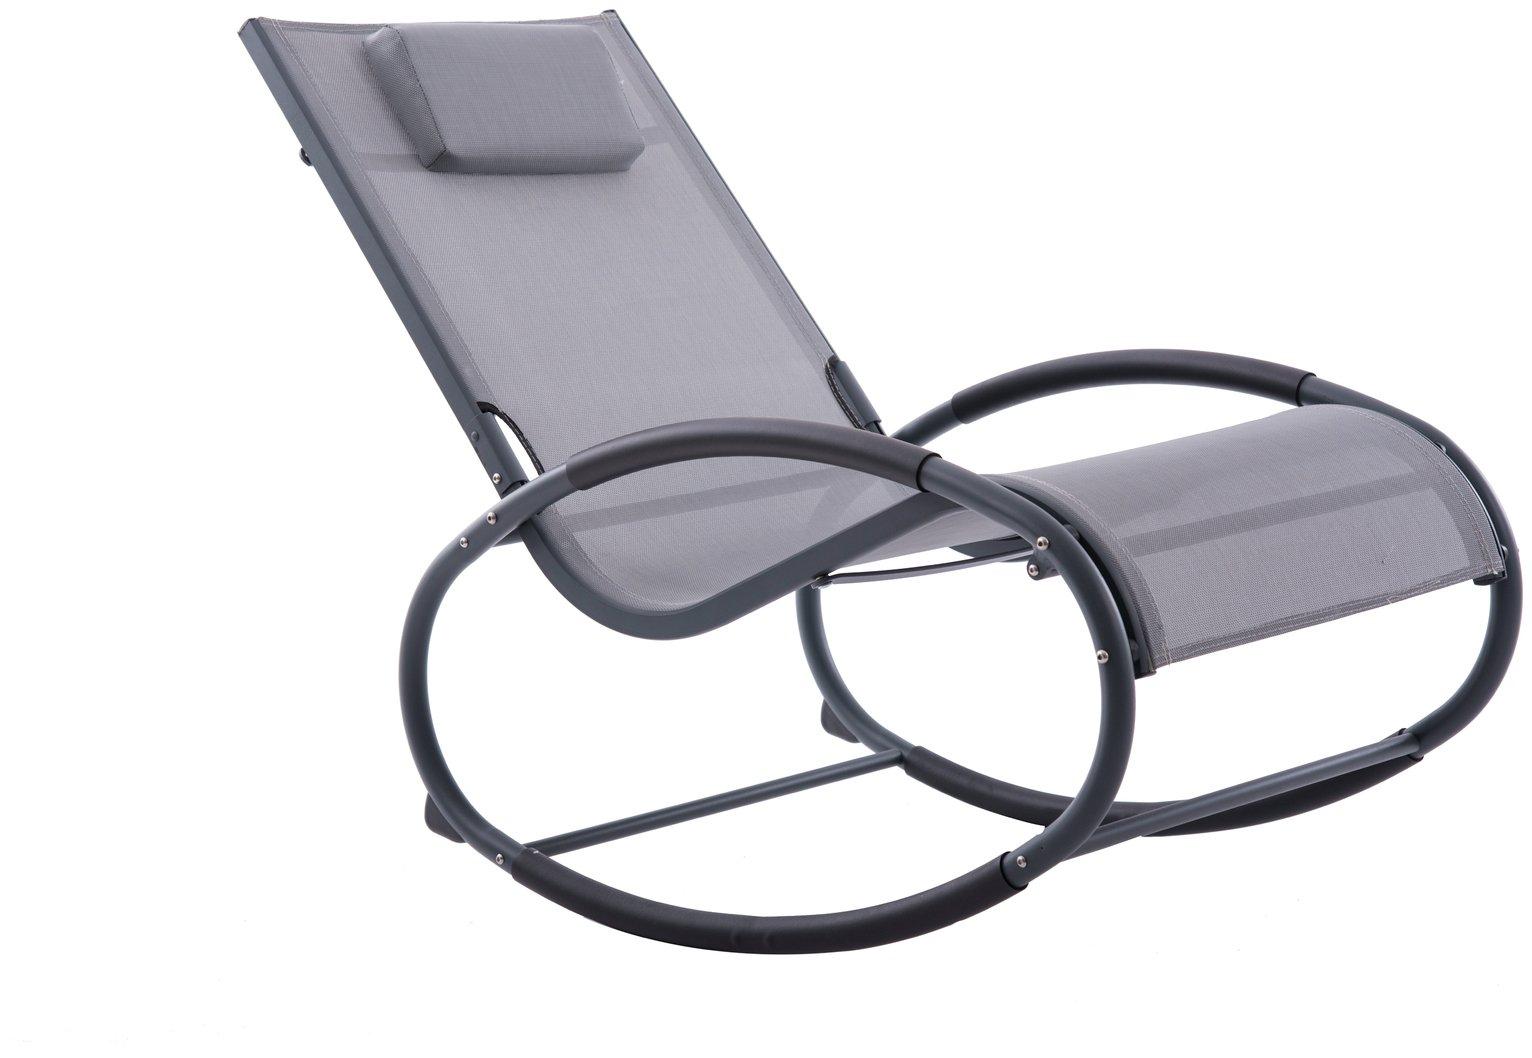 Vivere Wave Metal Rocker Chair - Grey on Matte Black